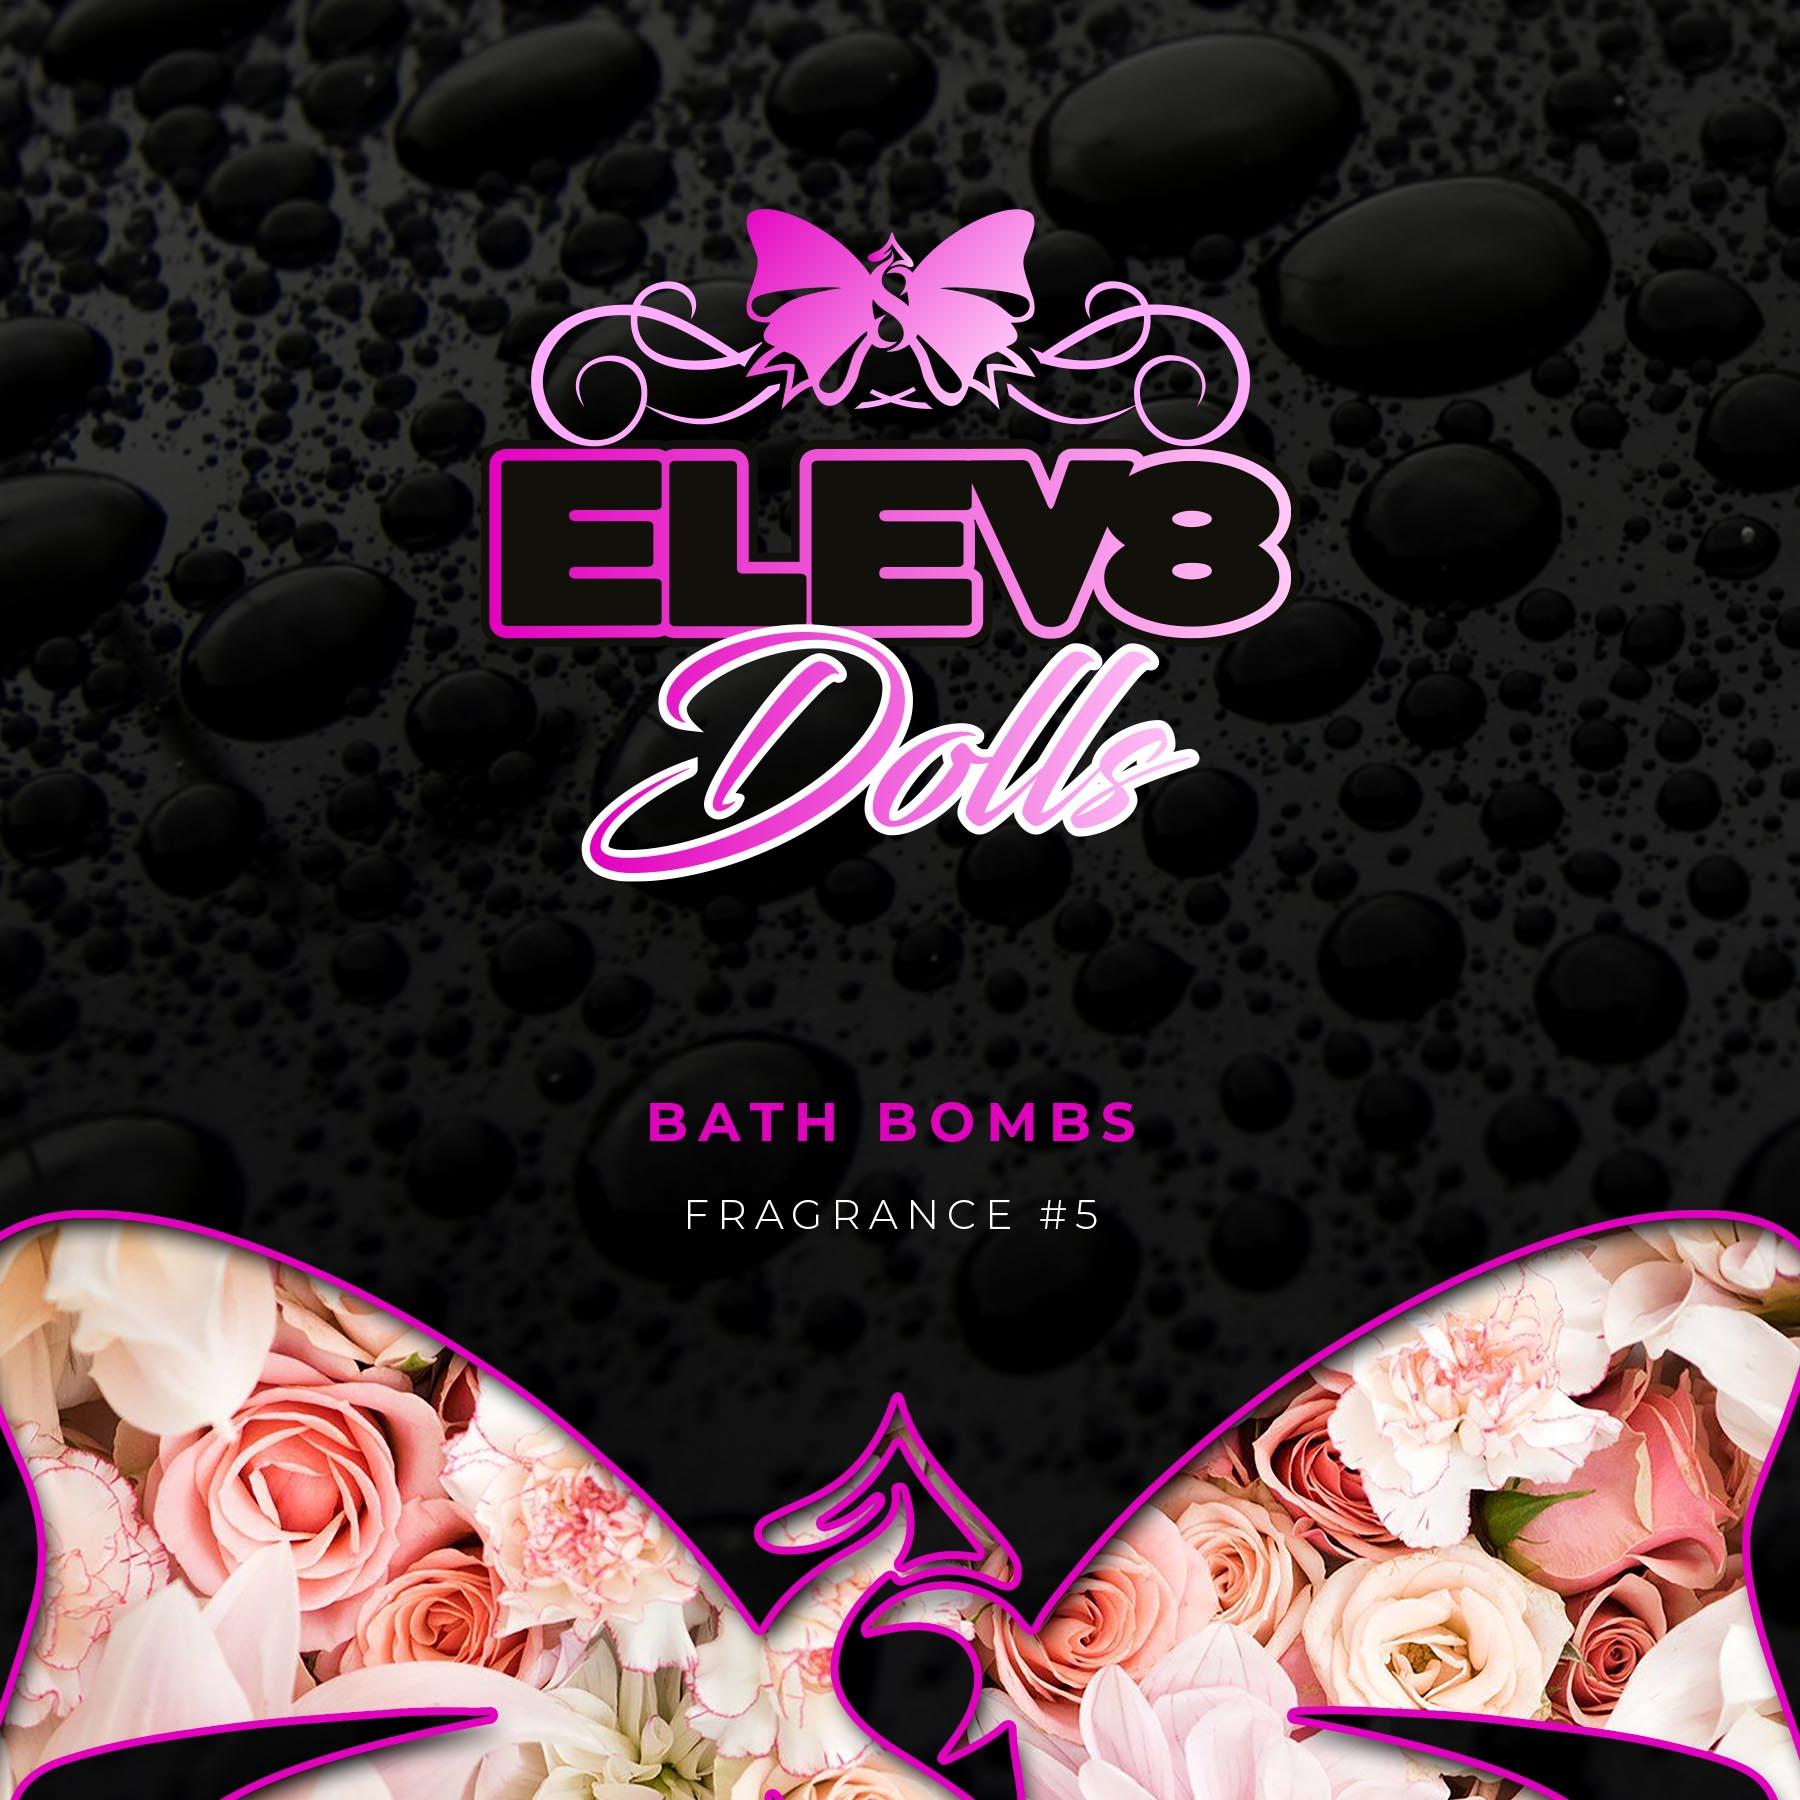 fragrance-5-elev8-doll-bath-bomb.jpg